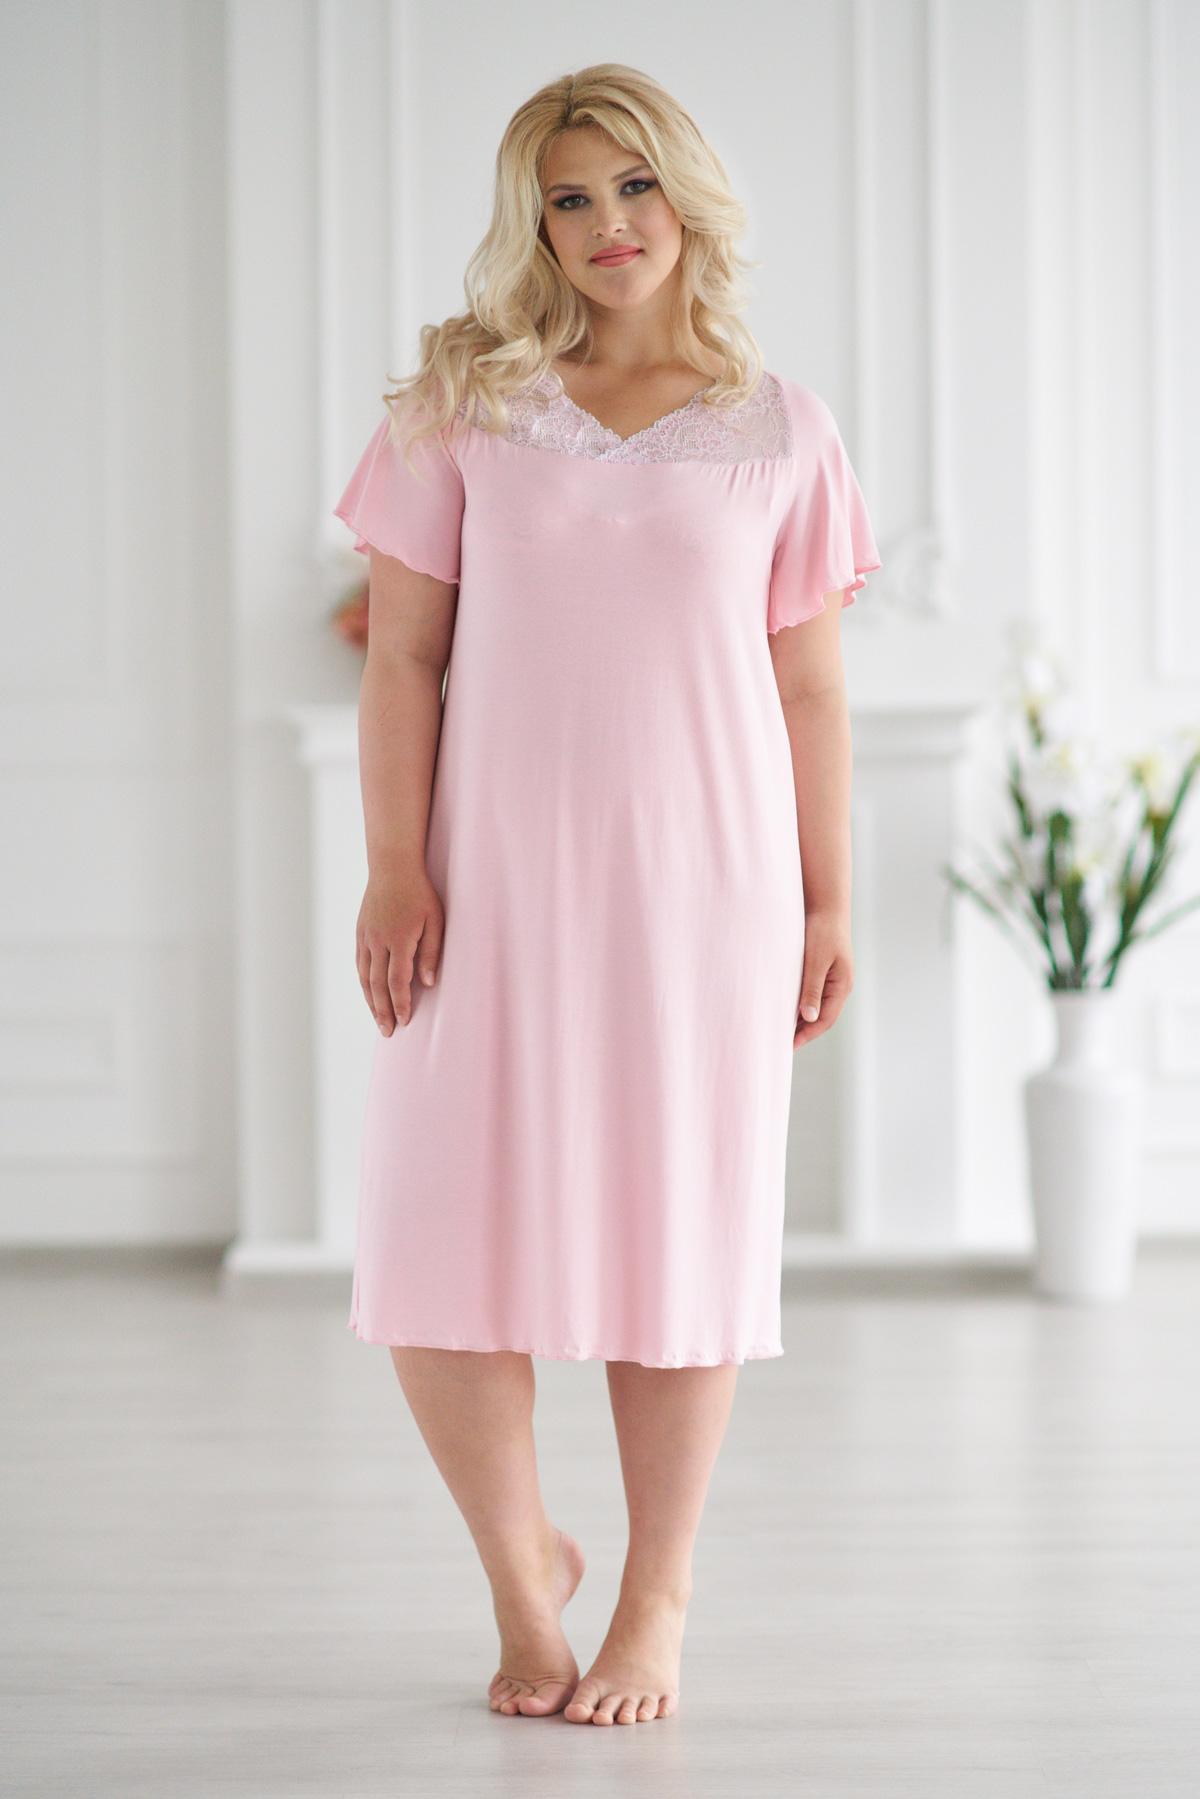 Жен. сорочка арт. 19-0053 Розовый р. 56Ночные сорочки<br>Факт. ОГ: 112 см <br>Факт. ОТ: 116 см <br>Факт. ОБ: 126 см <br>Длина по спинке: 99 см<br><br>Тип: Жен. сорочка<br>Размер: 56<br>Материал: Вискоза